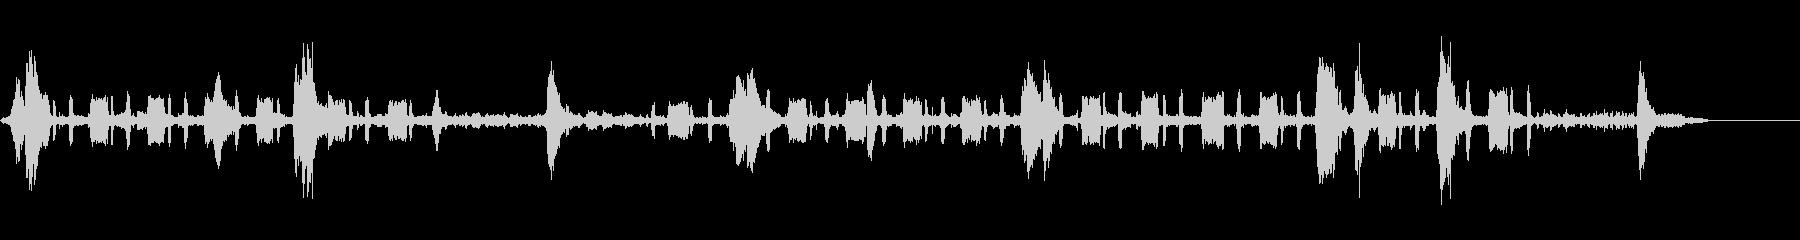 ヌー-バードソングの未再生の波形